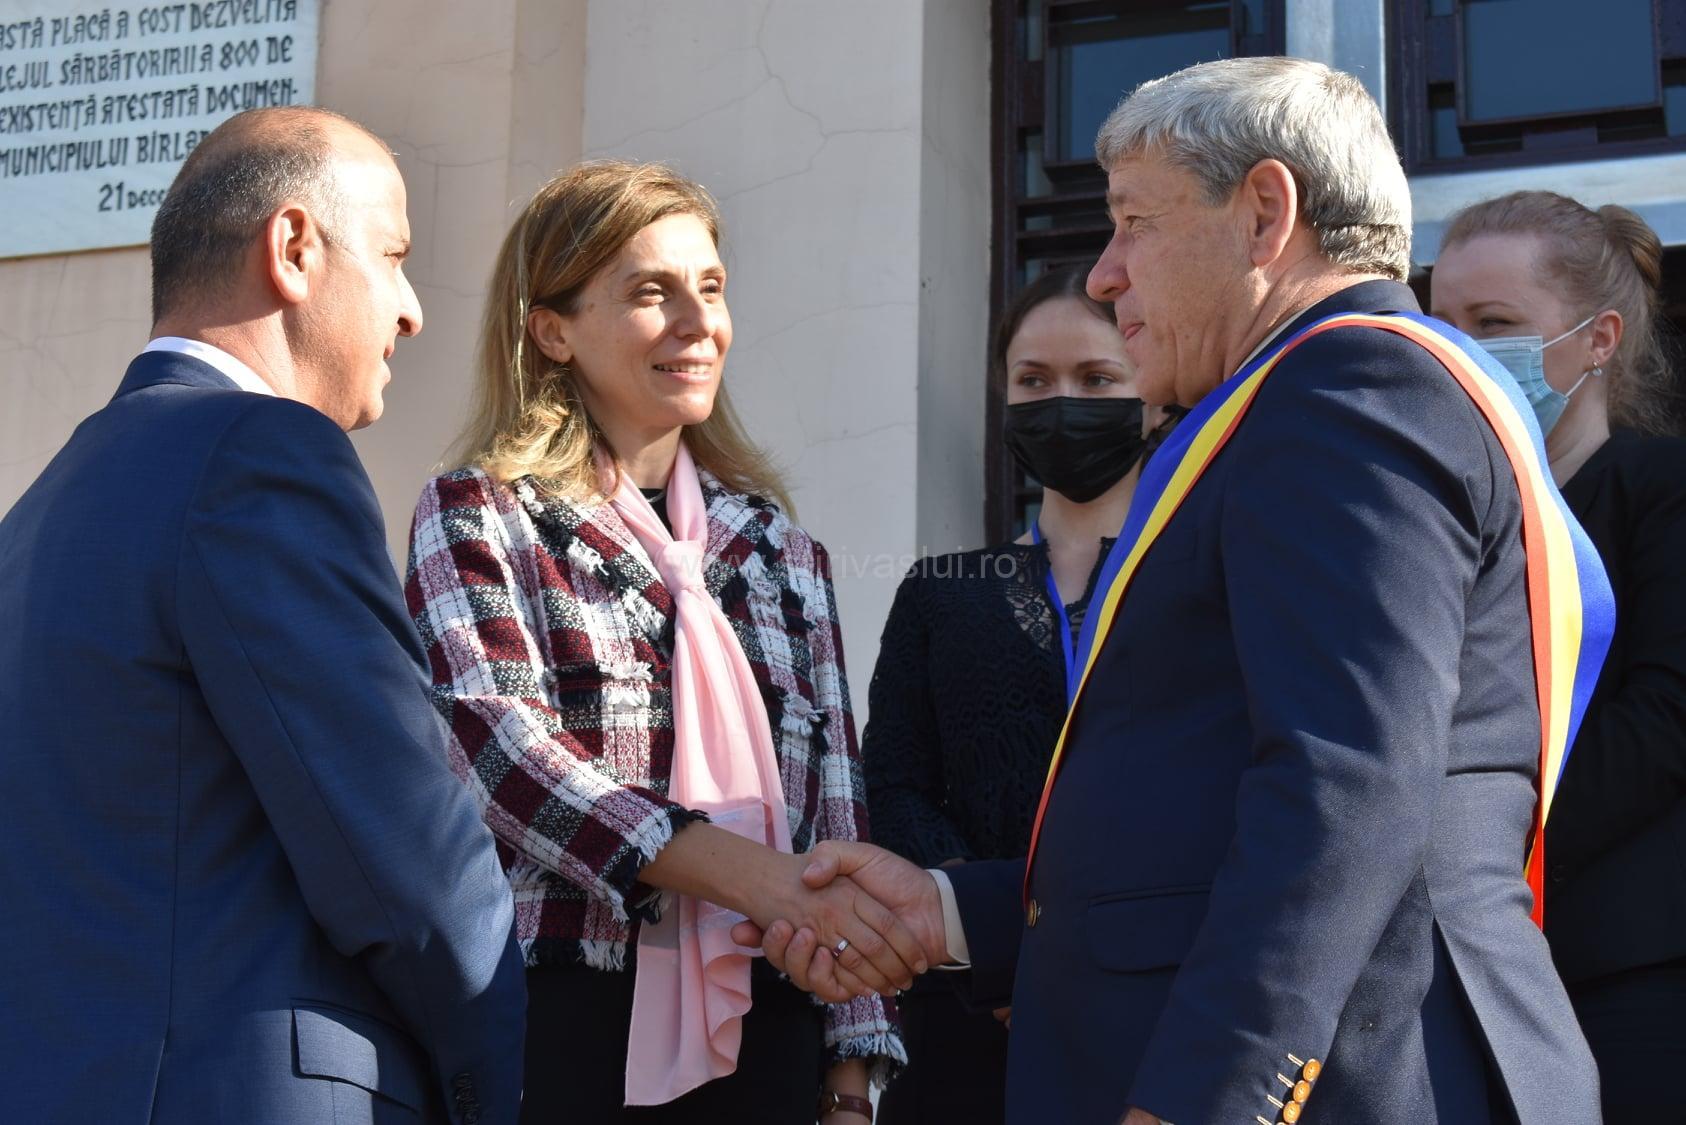 Füsun Aramaz, ambasadorea Turciei în vizită la Bârlad